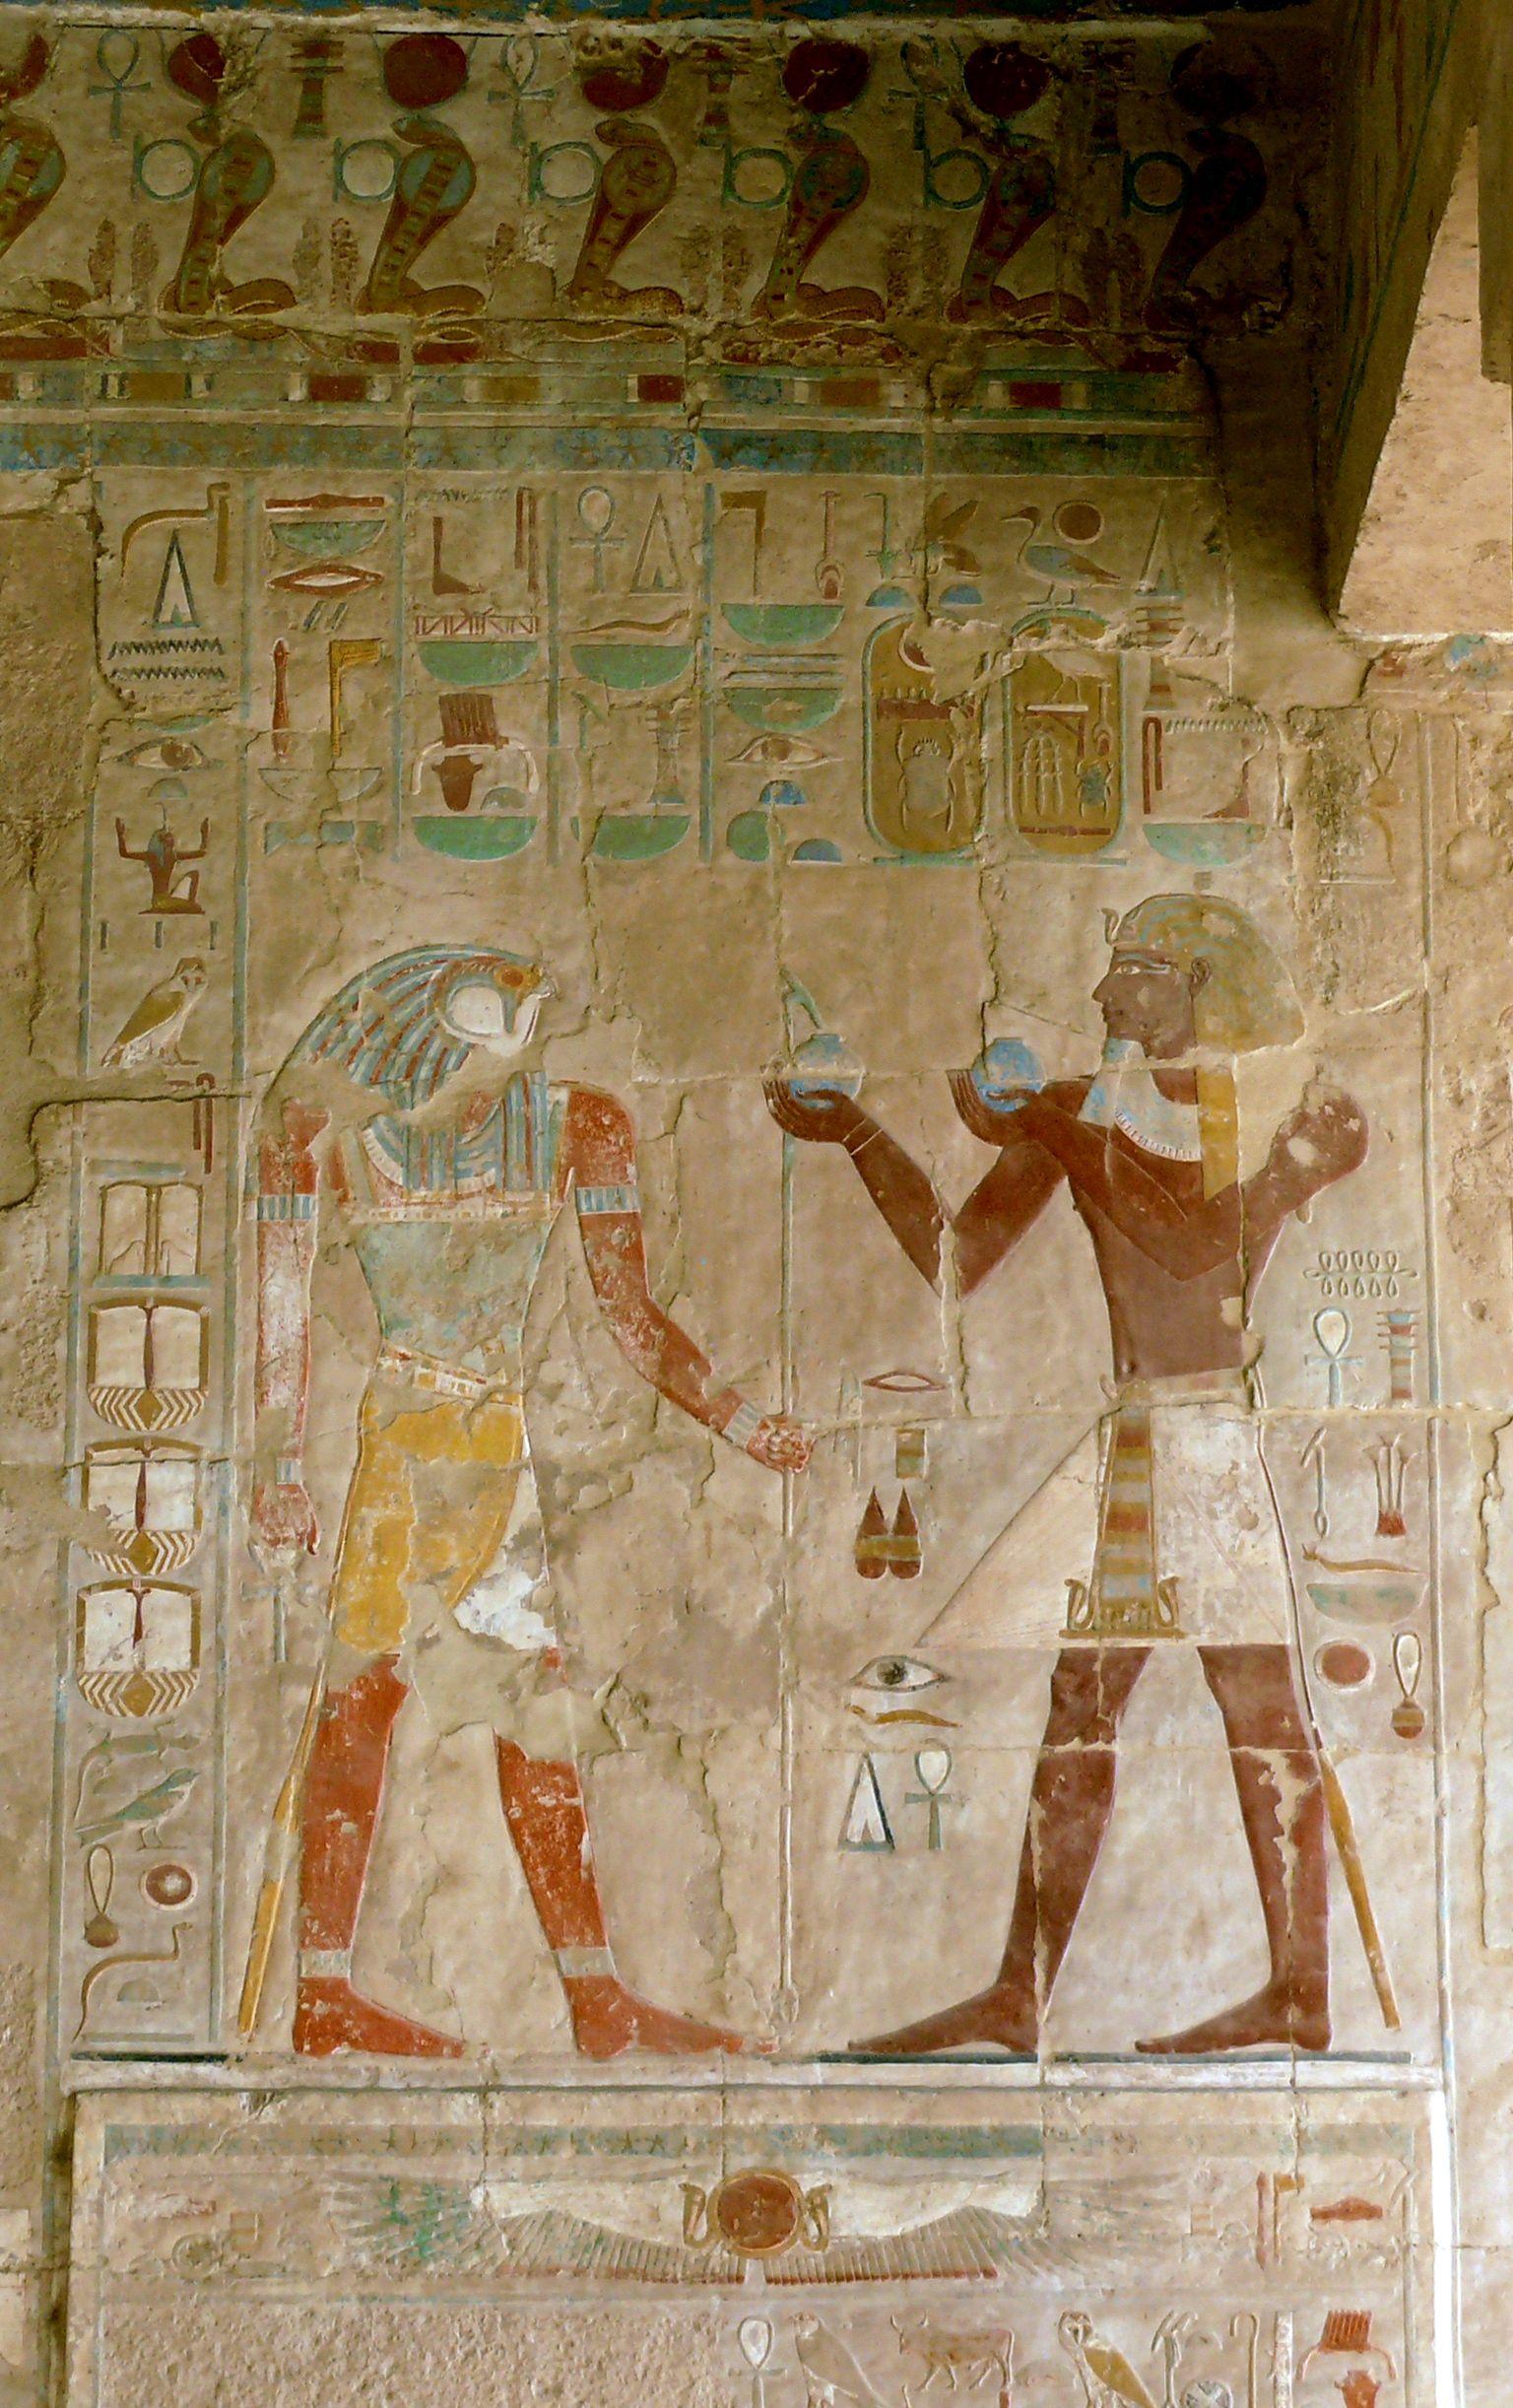 رع وآمون حيث انه يقع بجوار المعبد الجنائزي من منتوحتب